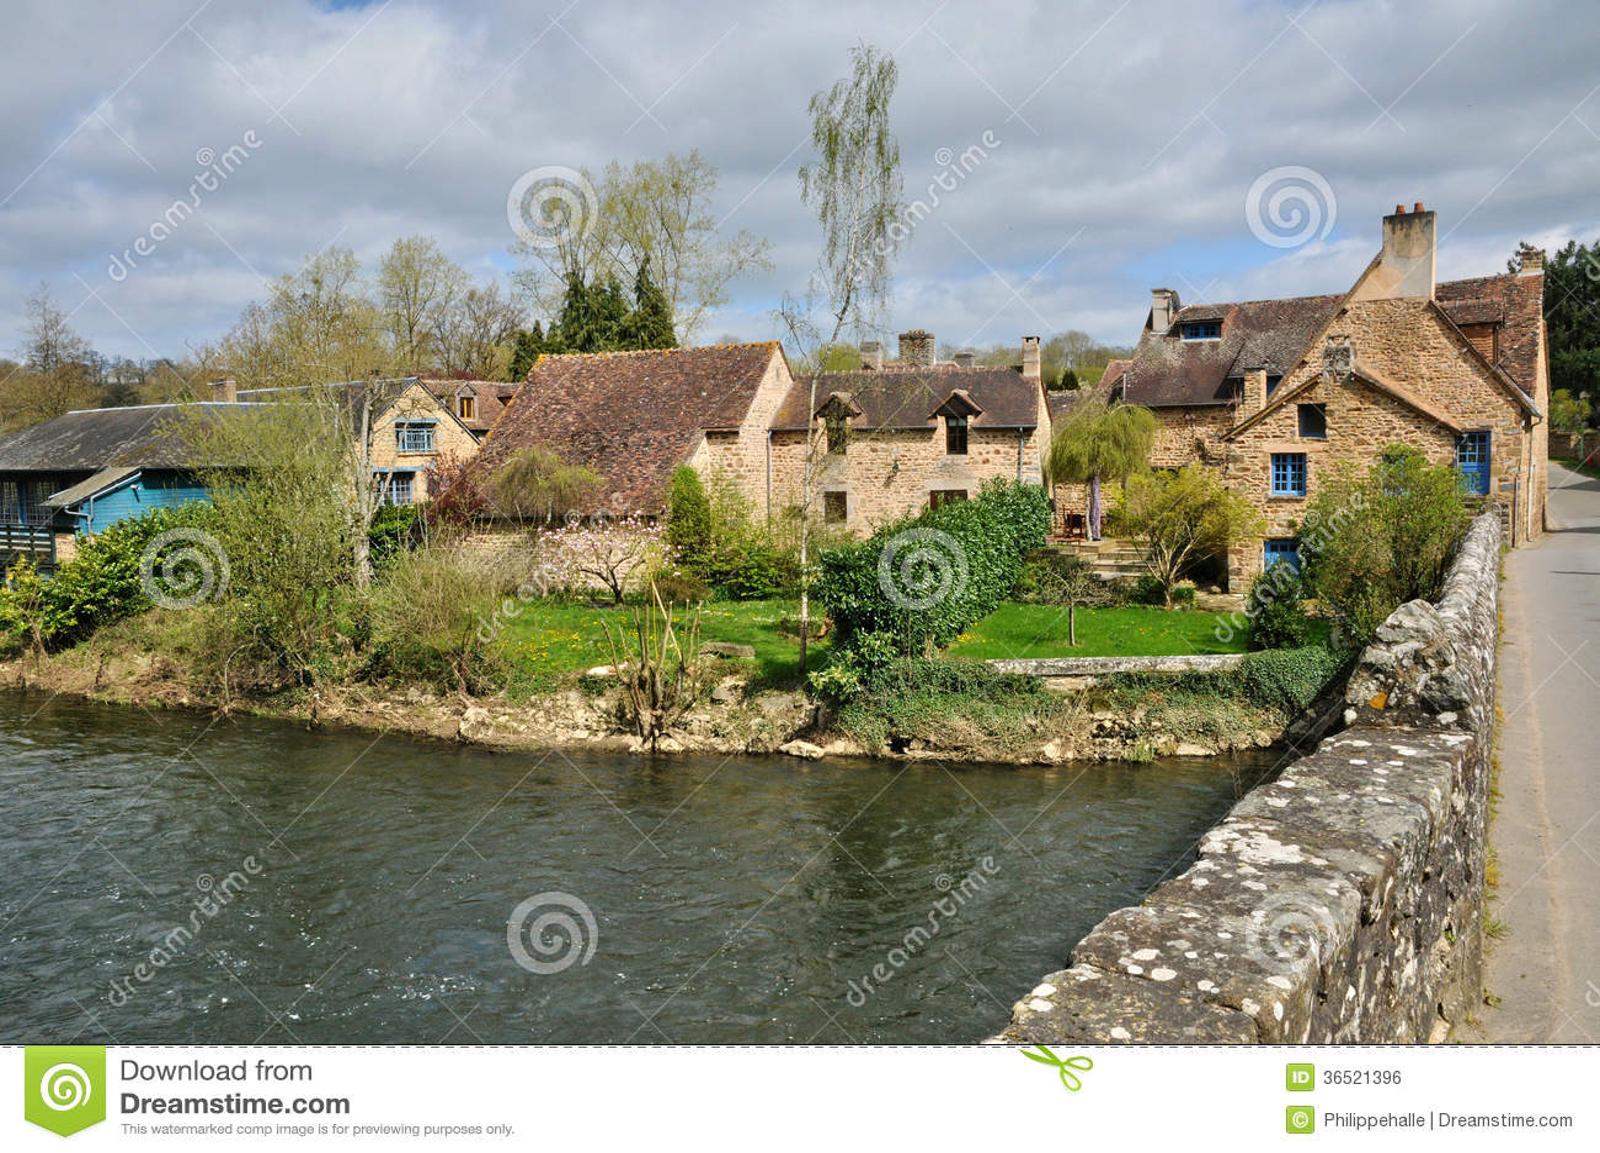 Fluss In Der Normandie 4 Buchst